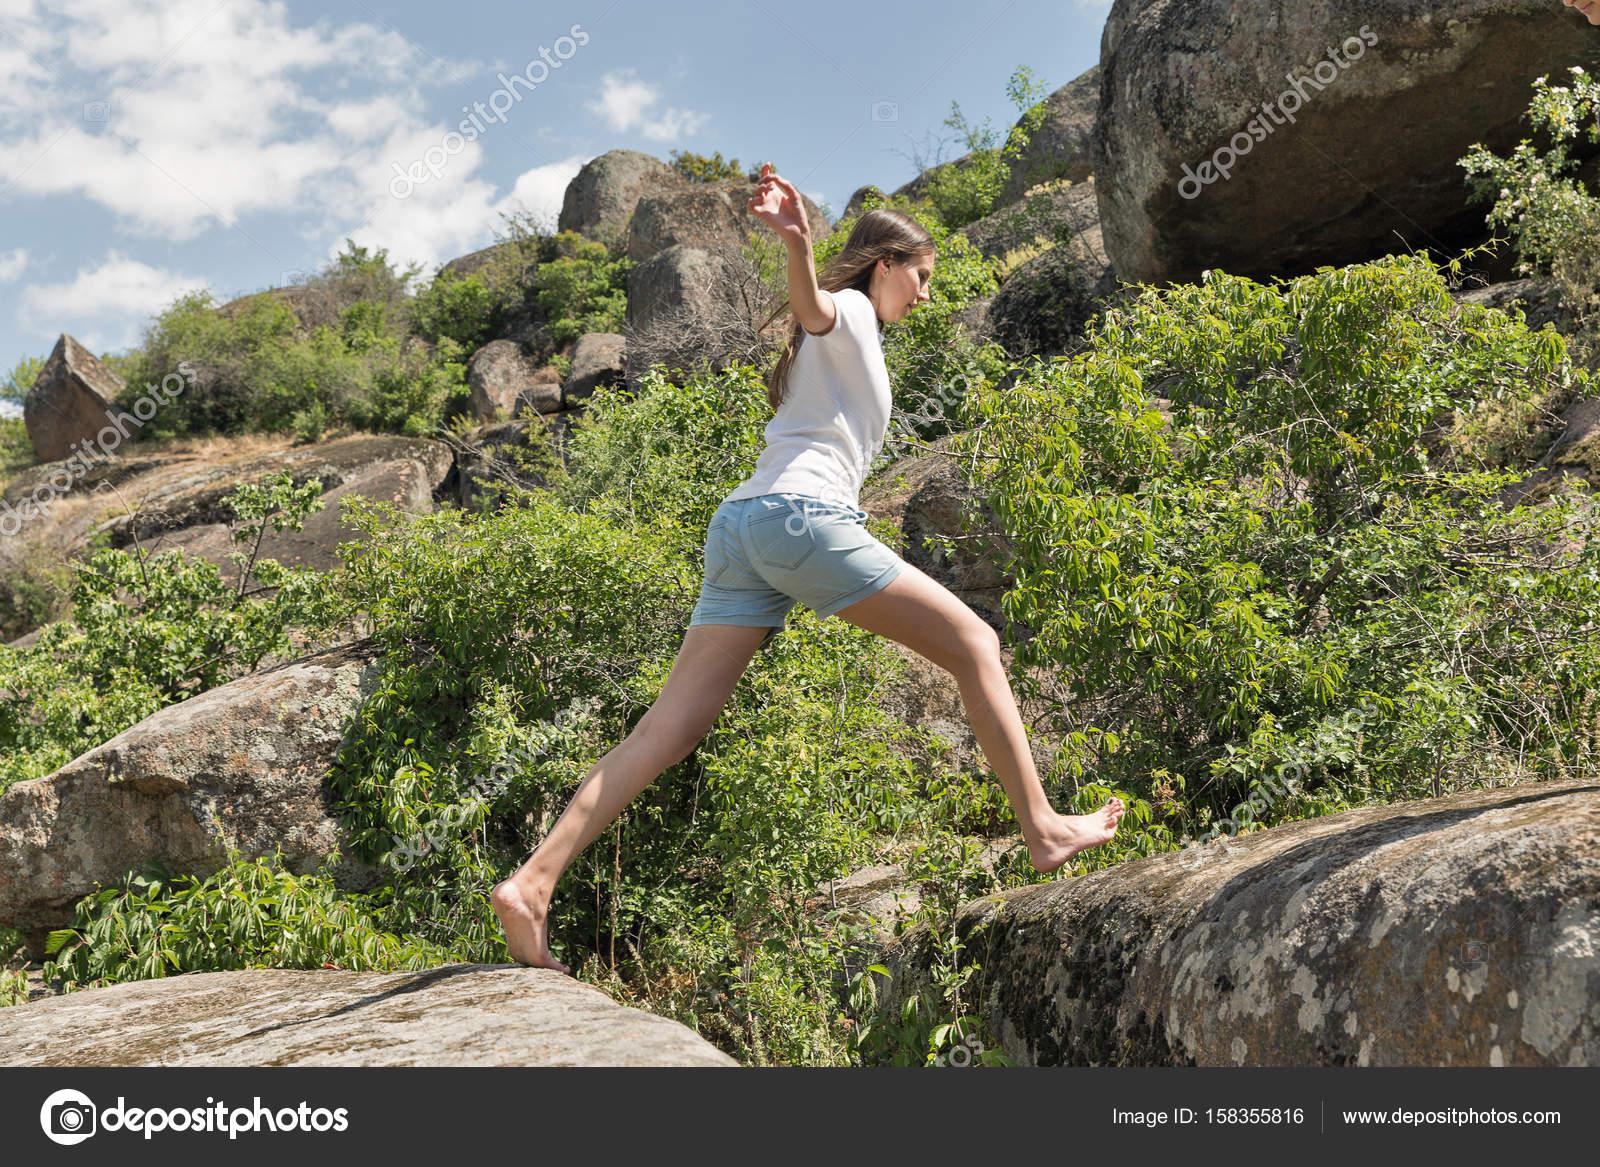 giovane donna forma fisica correndo a piedi nudi alle